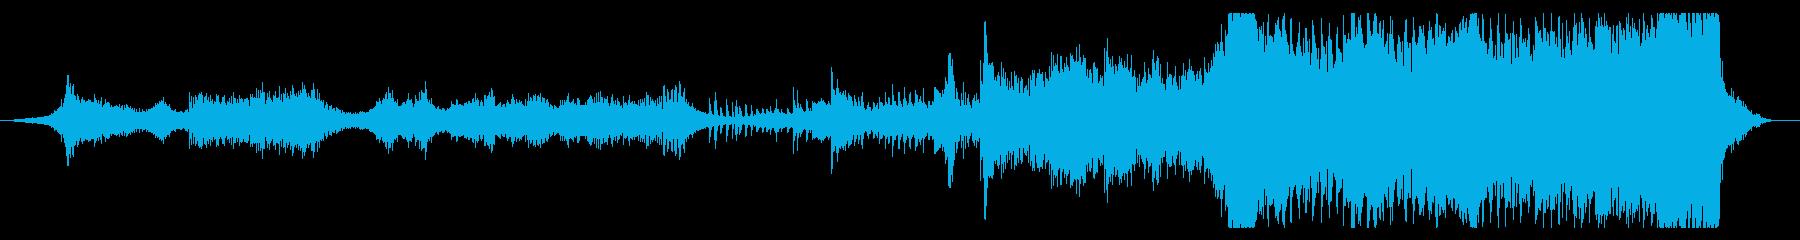 ハリウッド映画音楽風のシリアスな心理戦の再生済みの波形